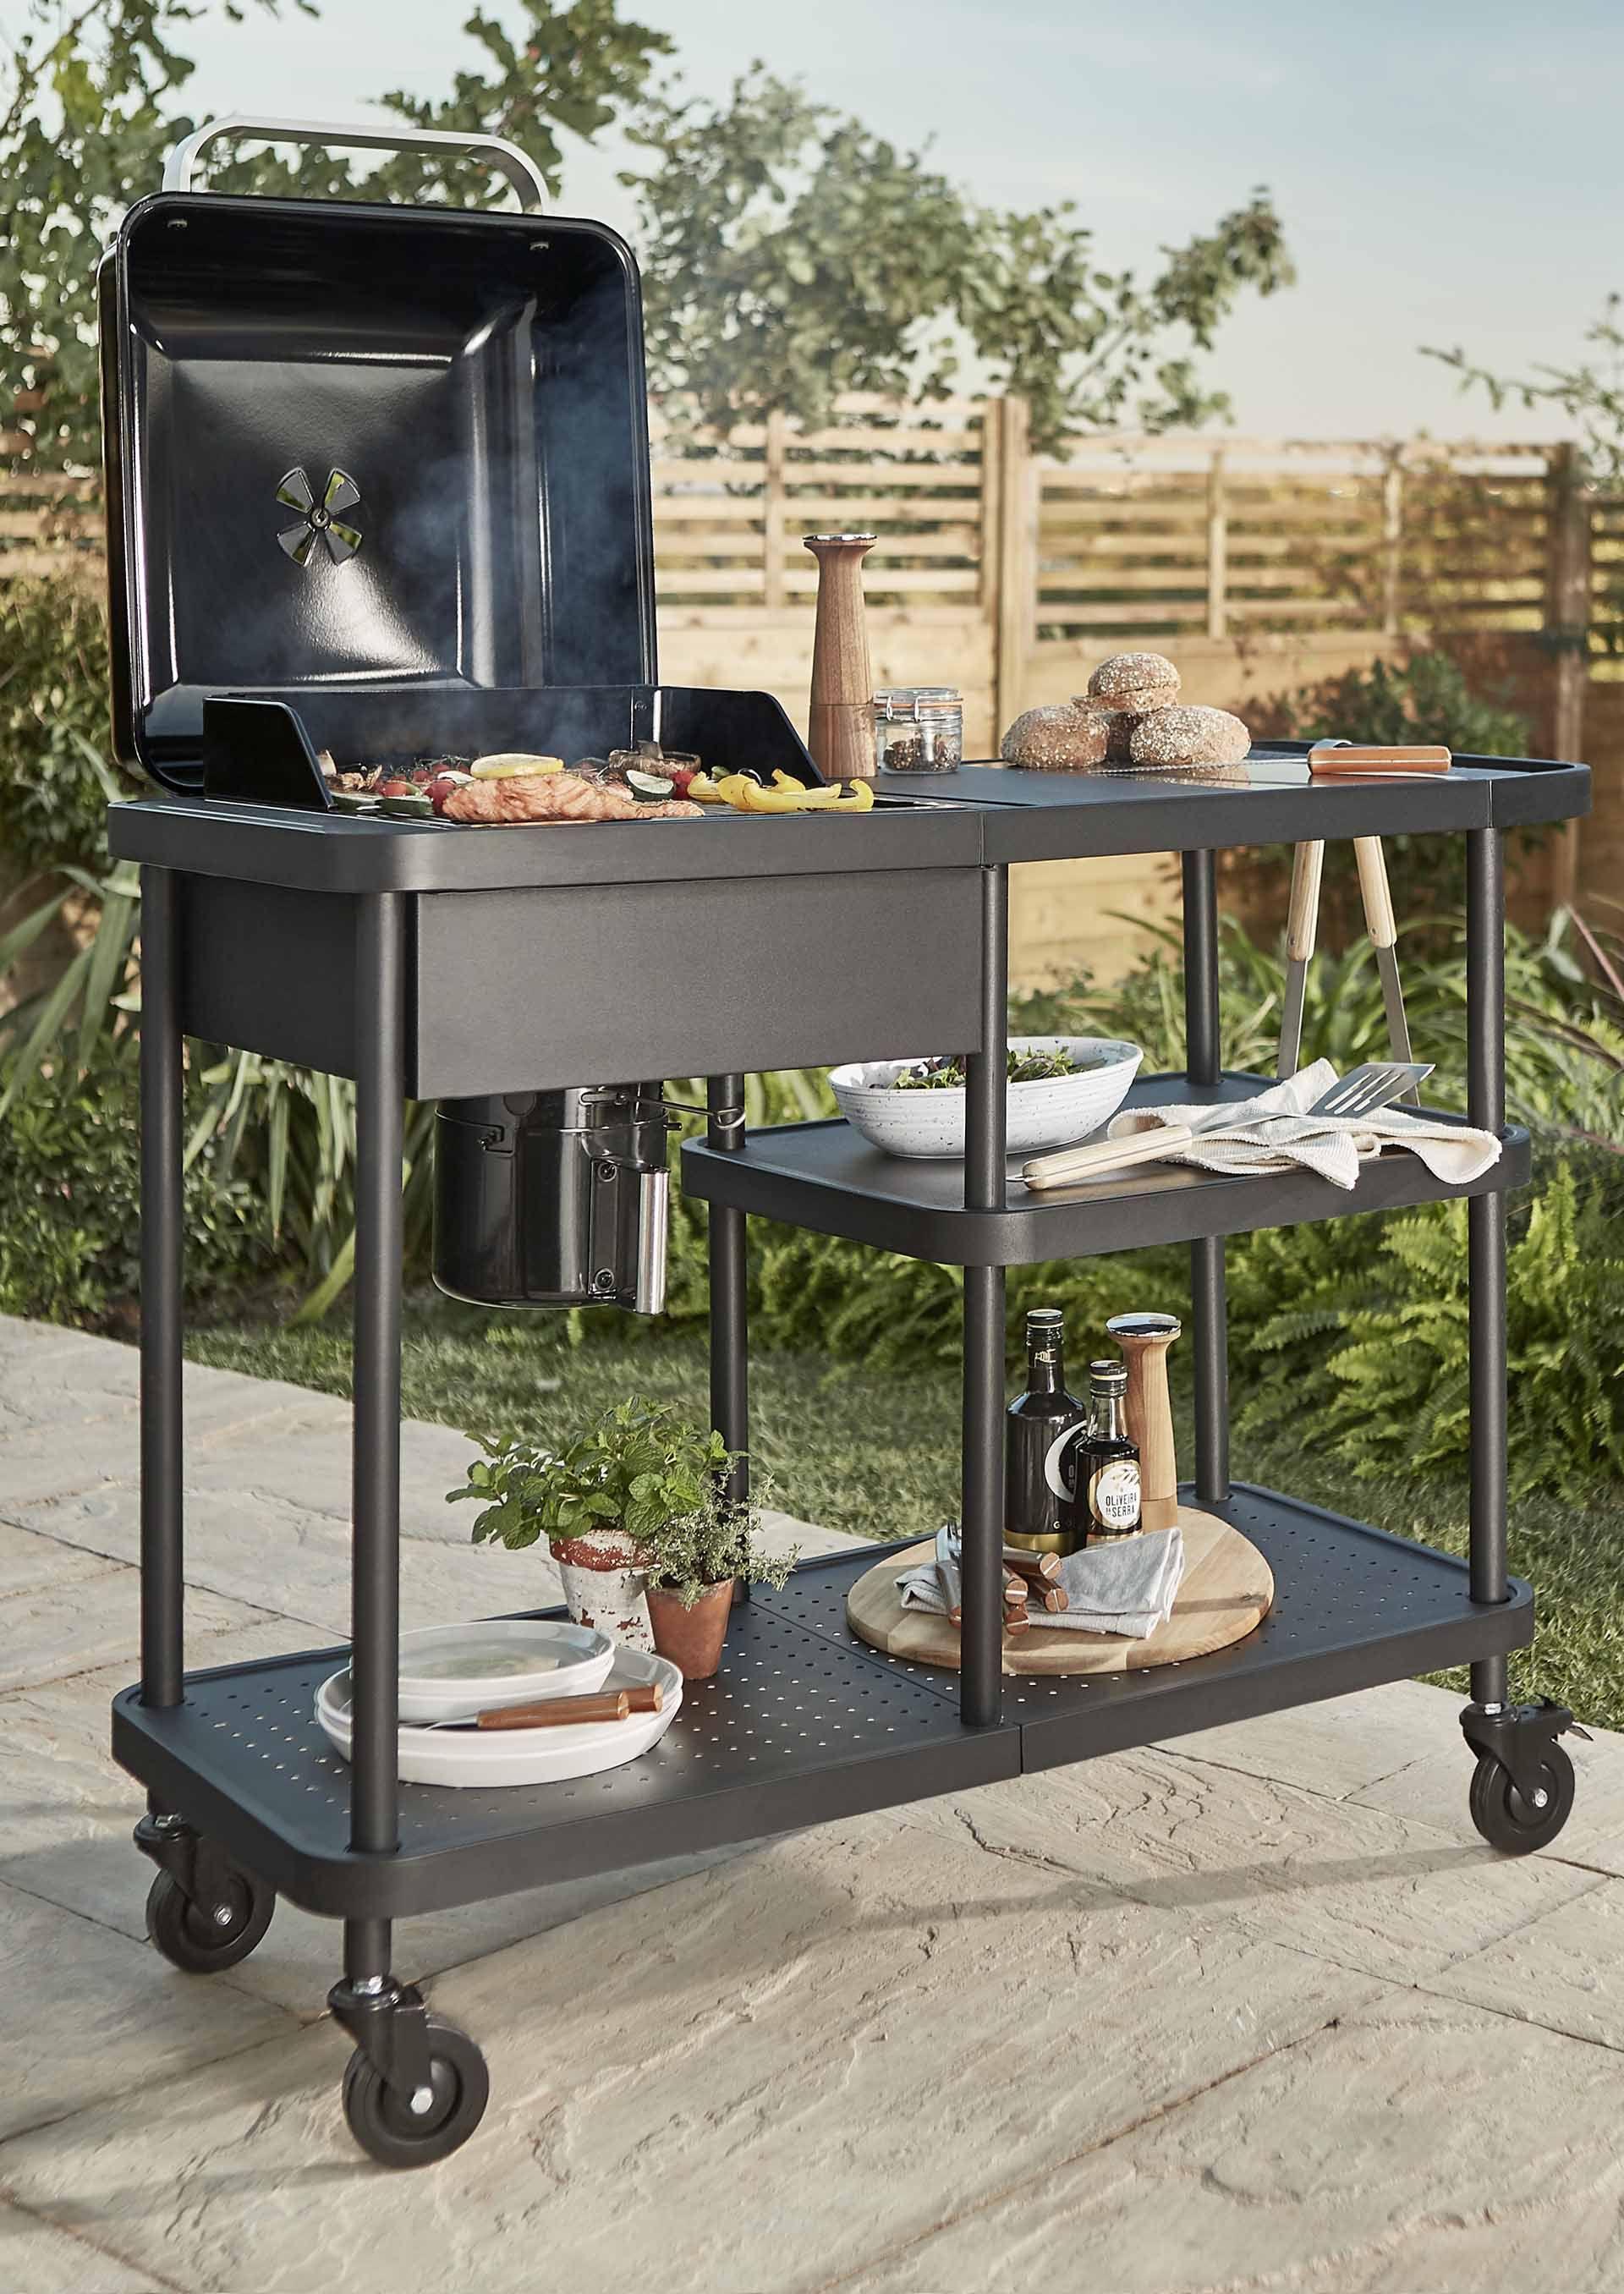 Barbecue A Gaz Ou Electrique comment installer une cuisine extérieure d'été ?   barbecue